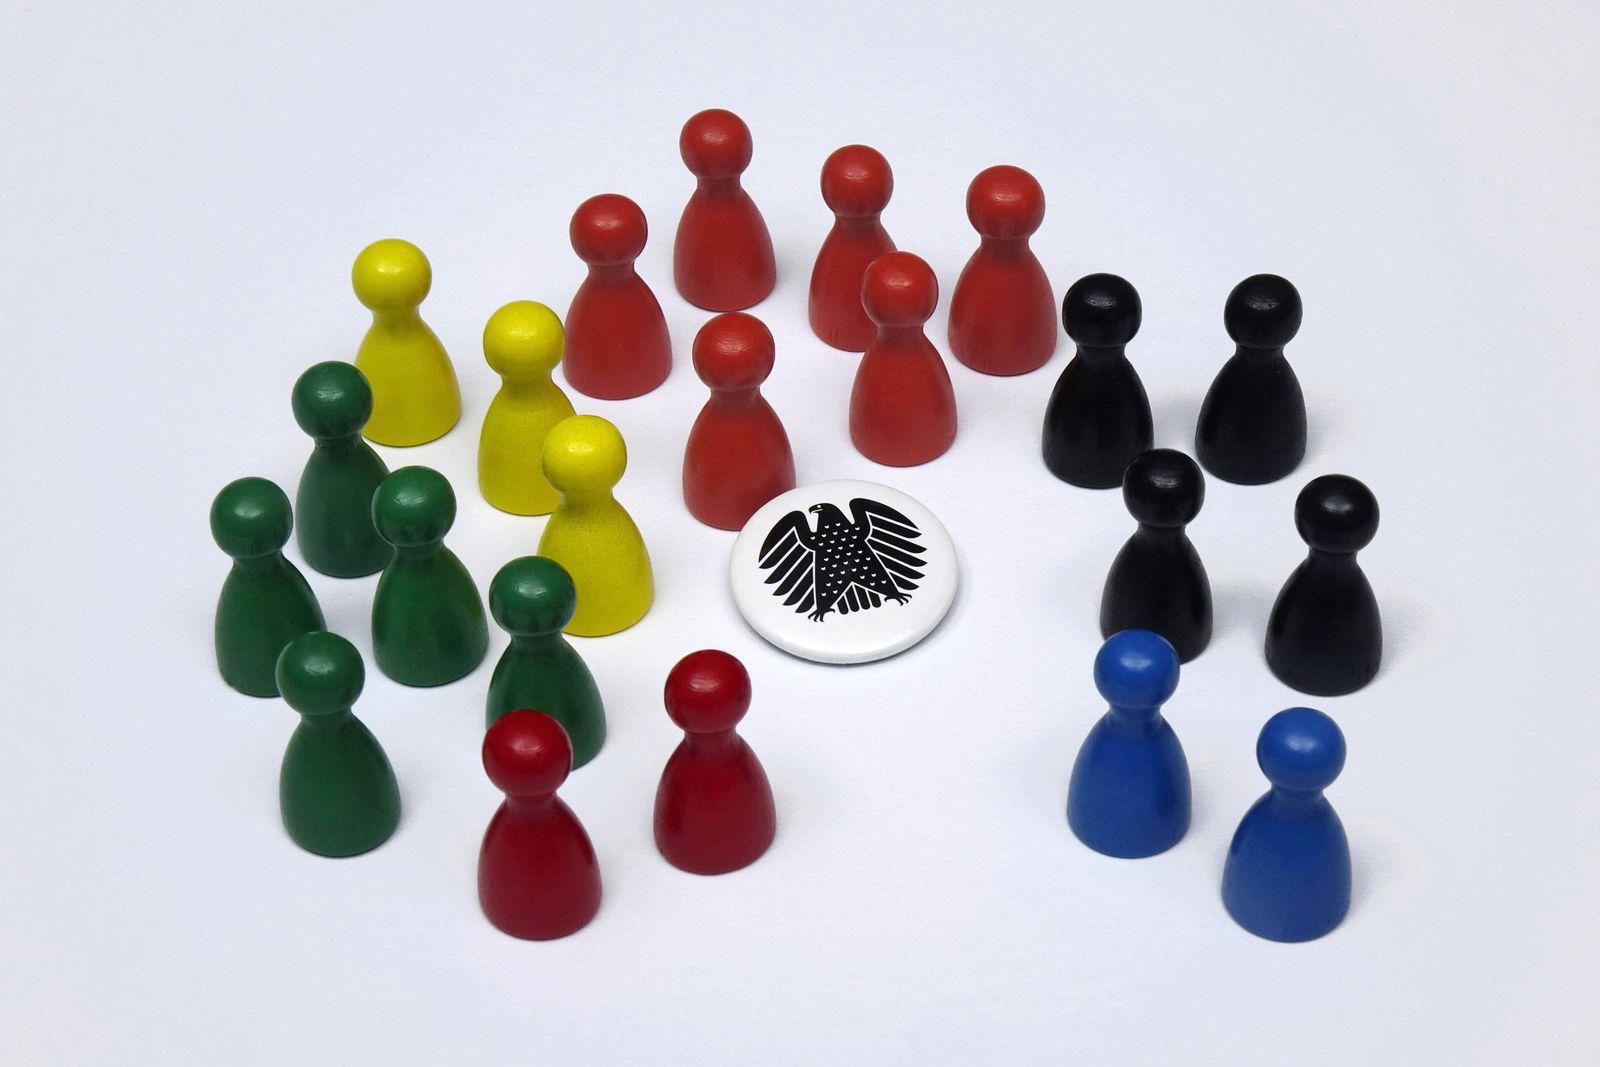 Spielfiguren in Parteifarben Button mit Bundesadler Spielfiguren in Parteifarben Button mit Bundesadler, 07.09.2021, Bor